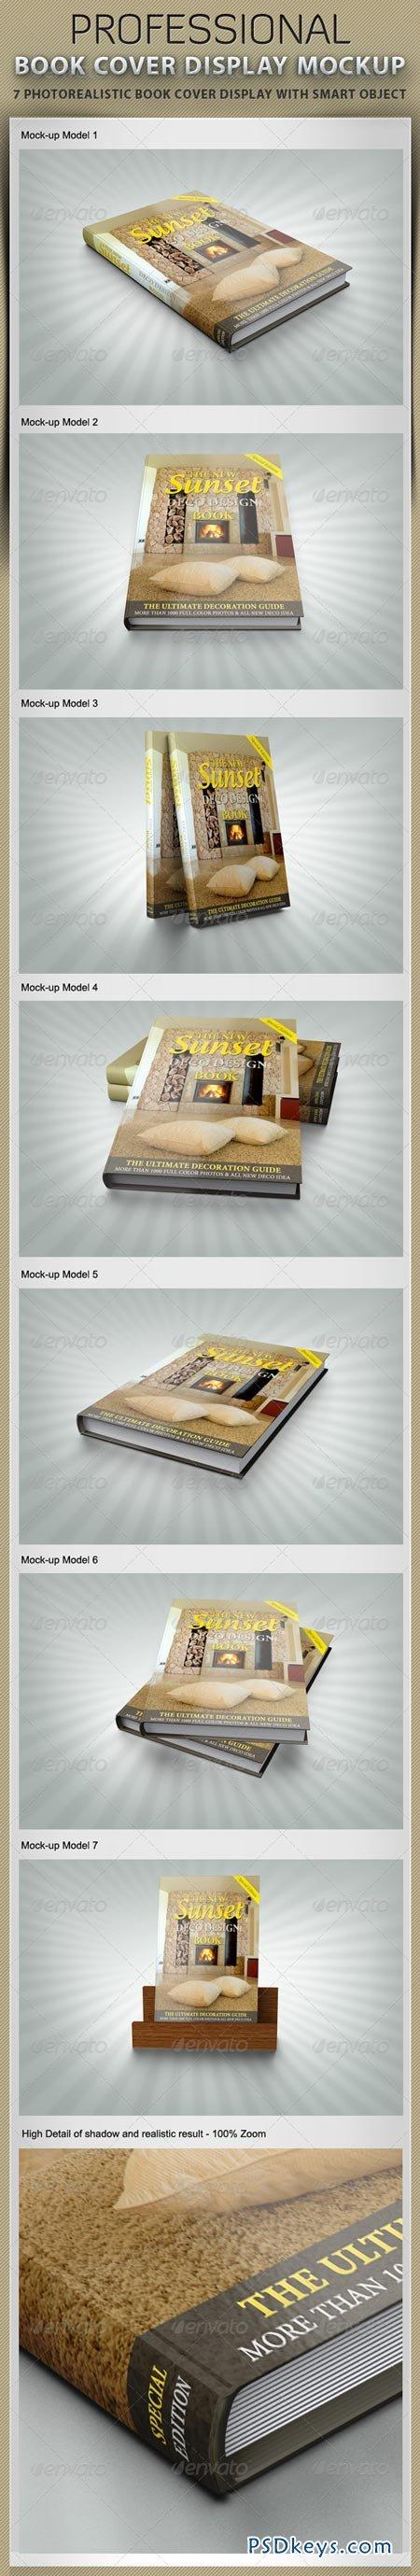 Book Cover Display Mockup 2461057